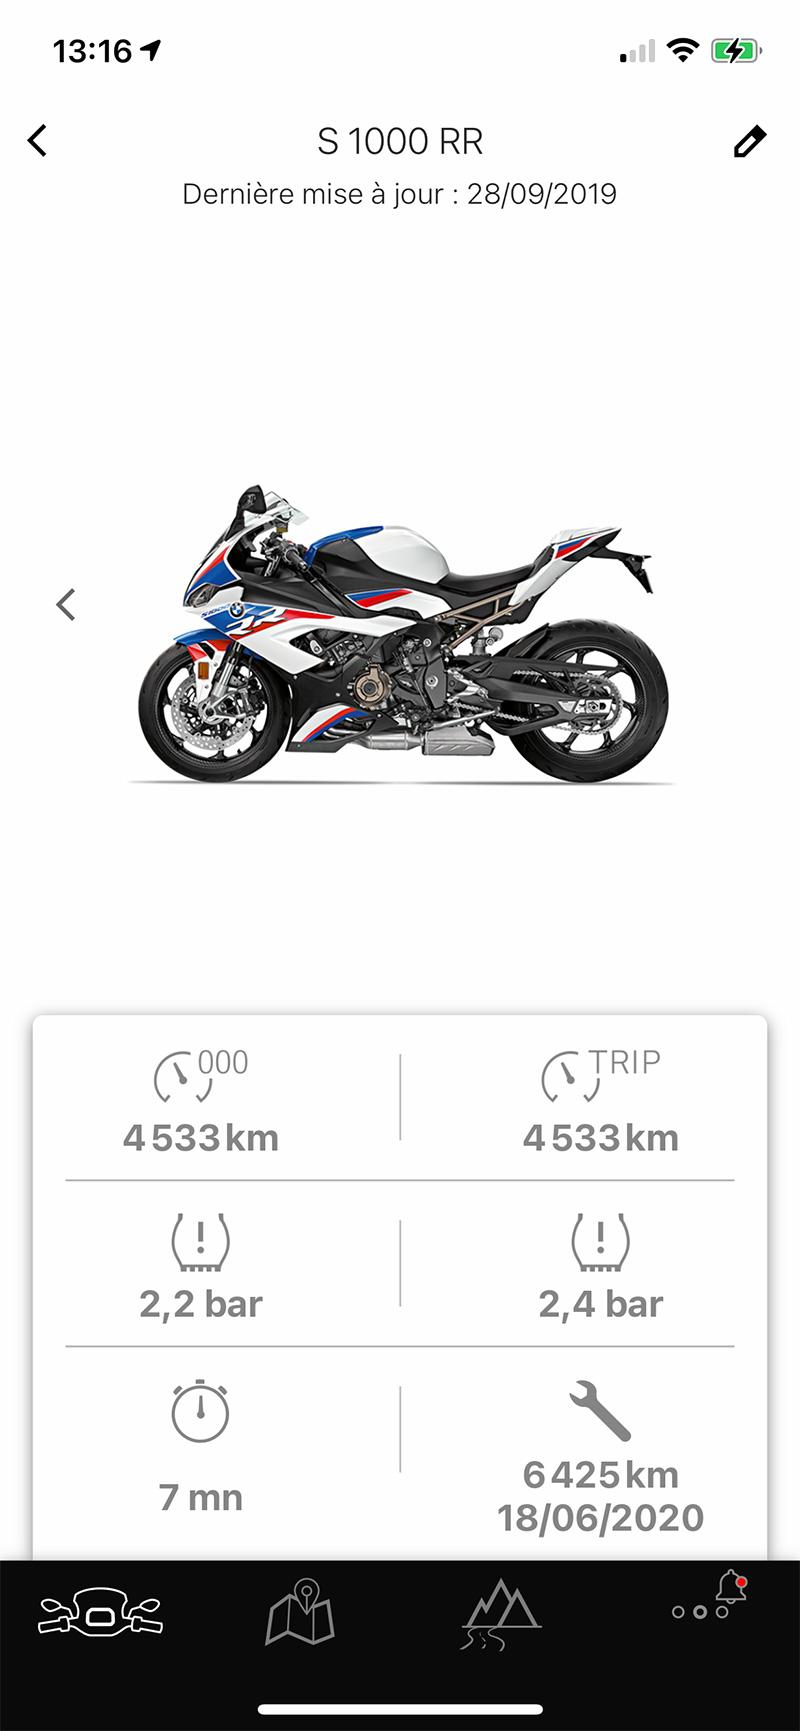 S1000RR sur l'application BMW My CONNECT